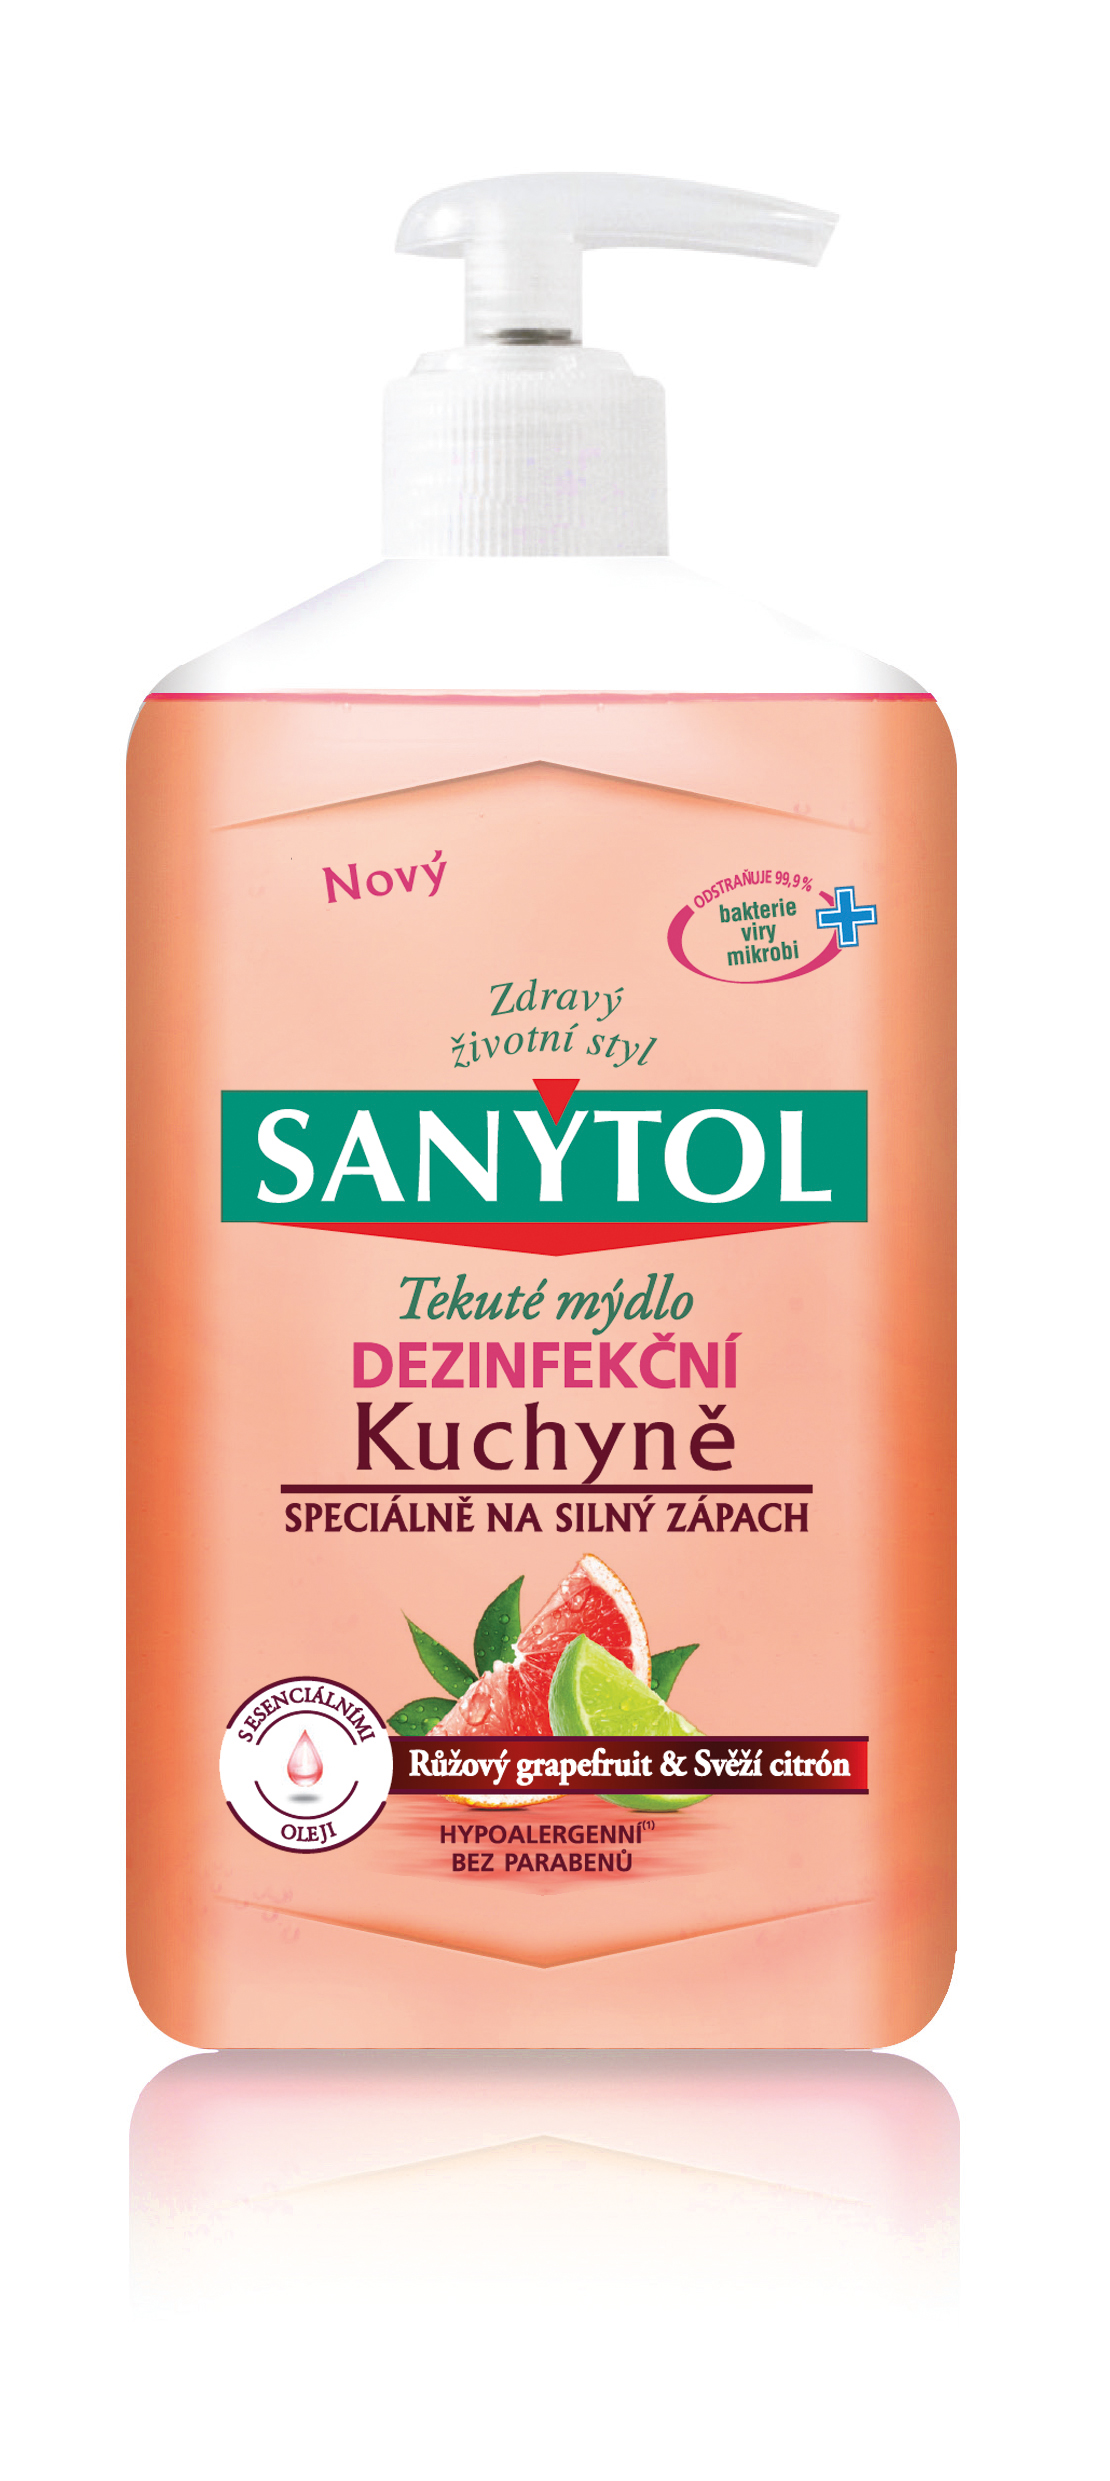 Sanytol dezinfekční mýdlo do kuchyně růžový grapefruit a svěží citrón 250 ml